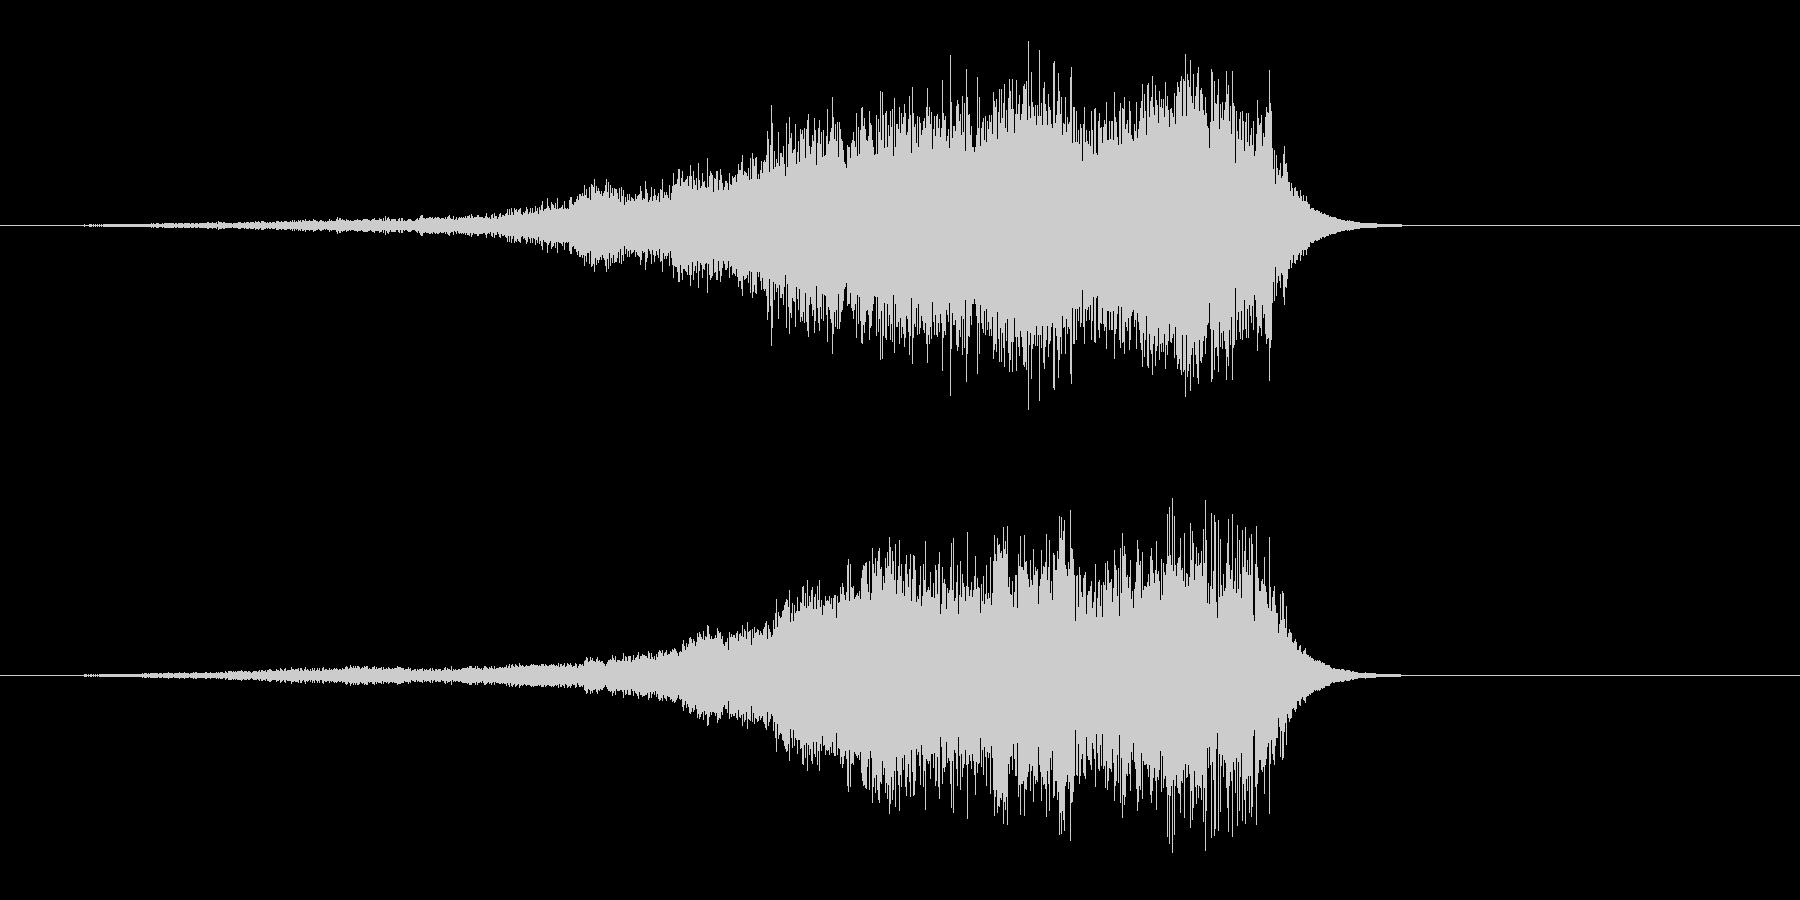 シャーーー 剣を鞘からゆっくり抜く音 …の未再生の波形